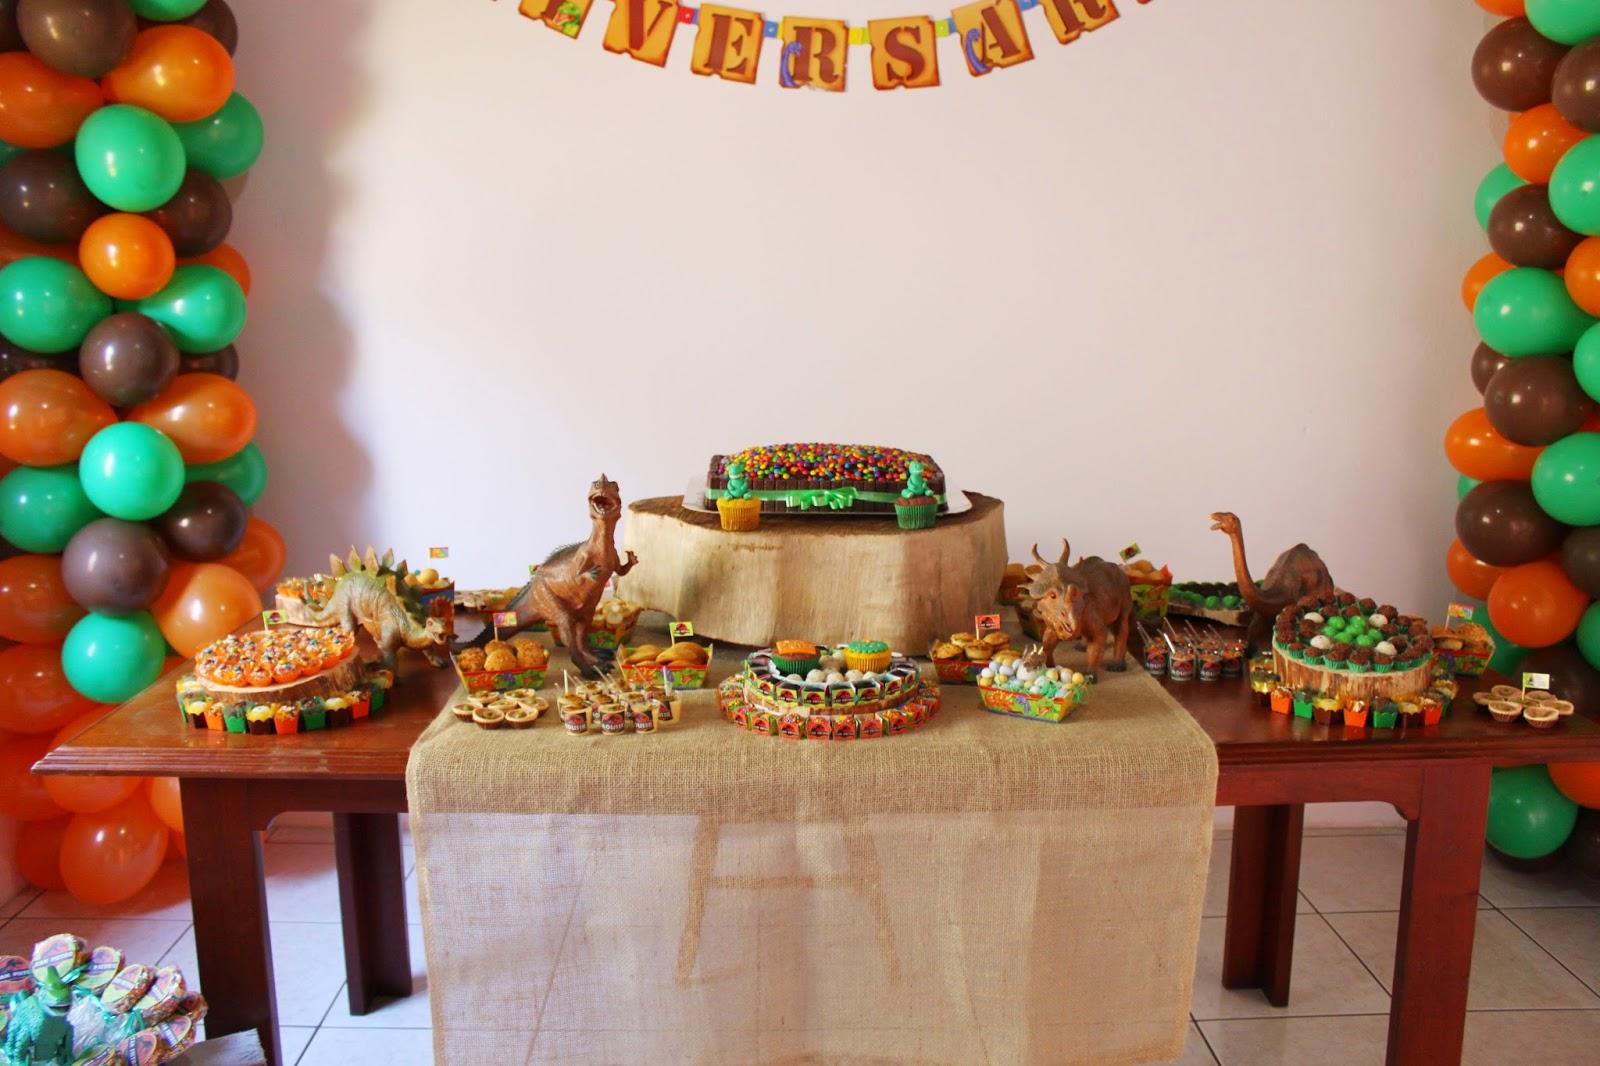 Festa Dinossauros Montando minha festa -> Decoração De Mesa Festa Dinossauro